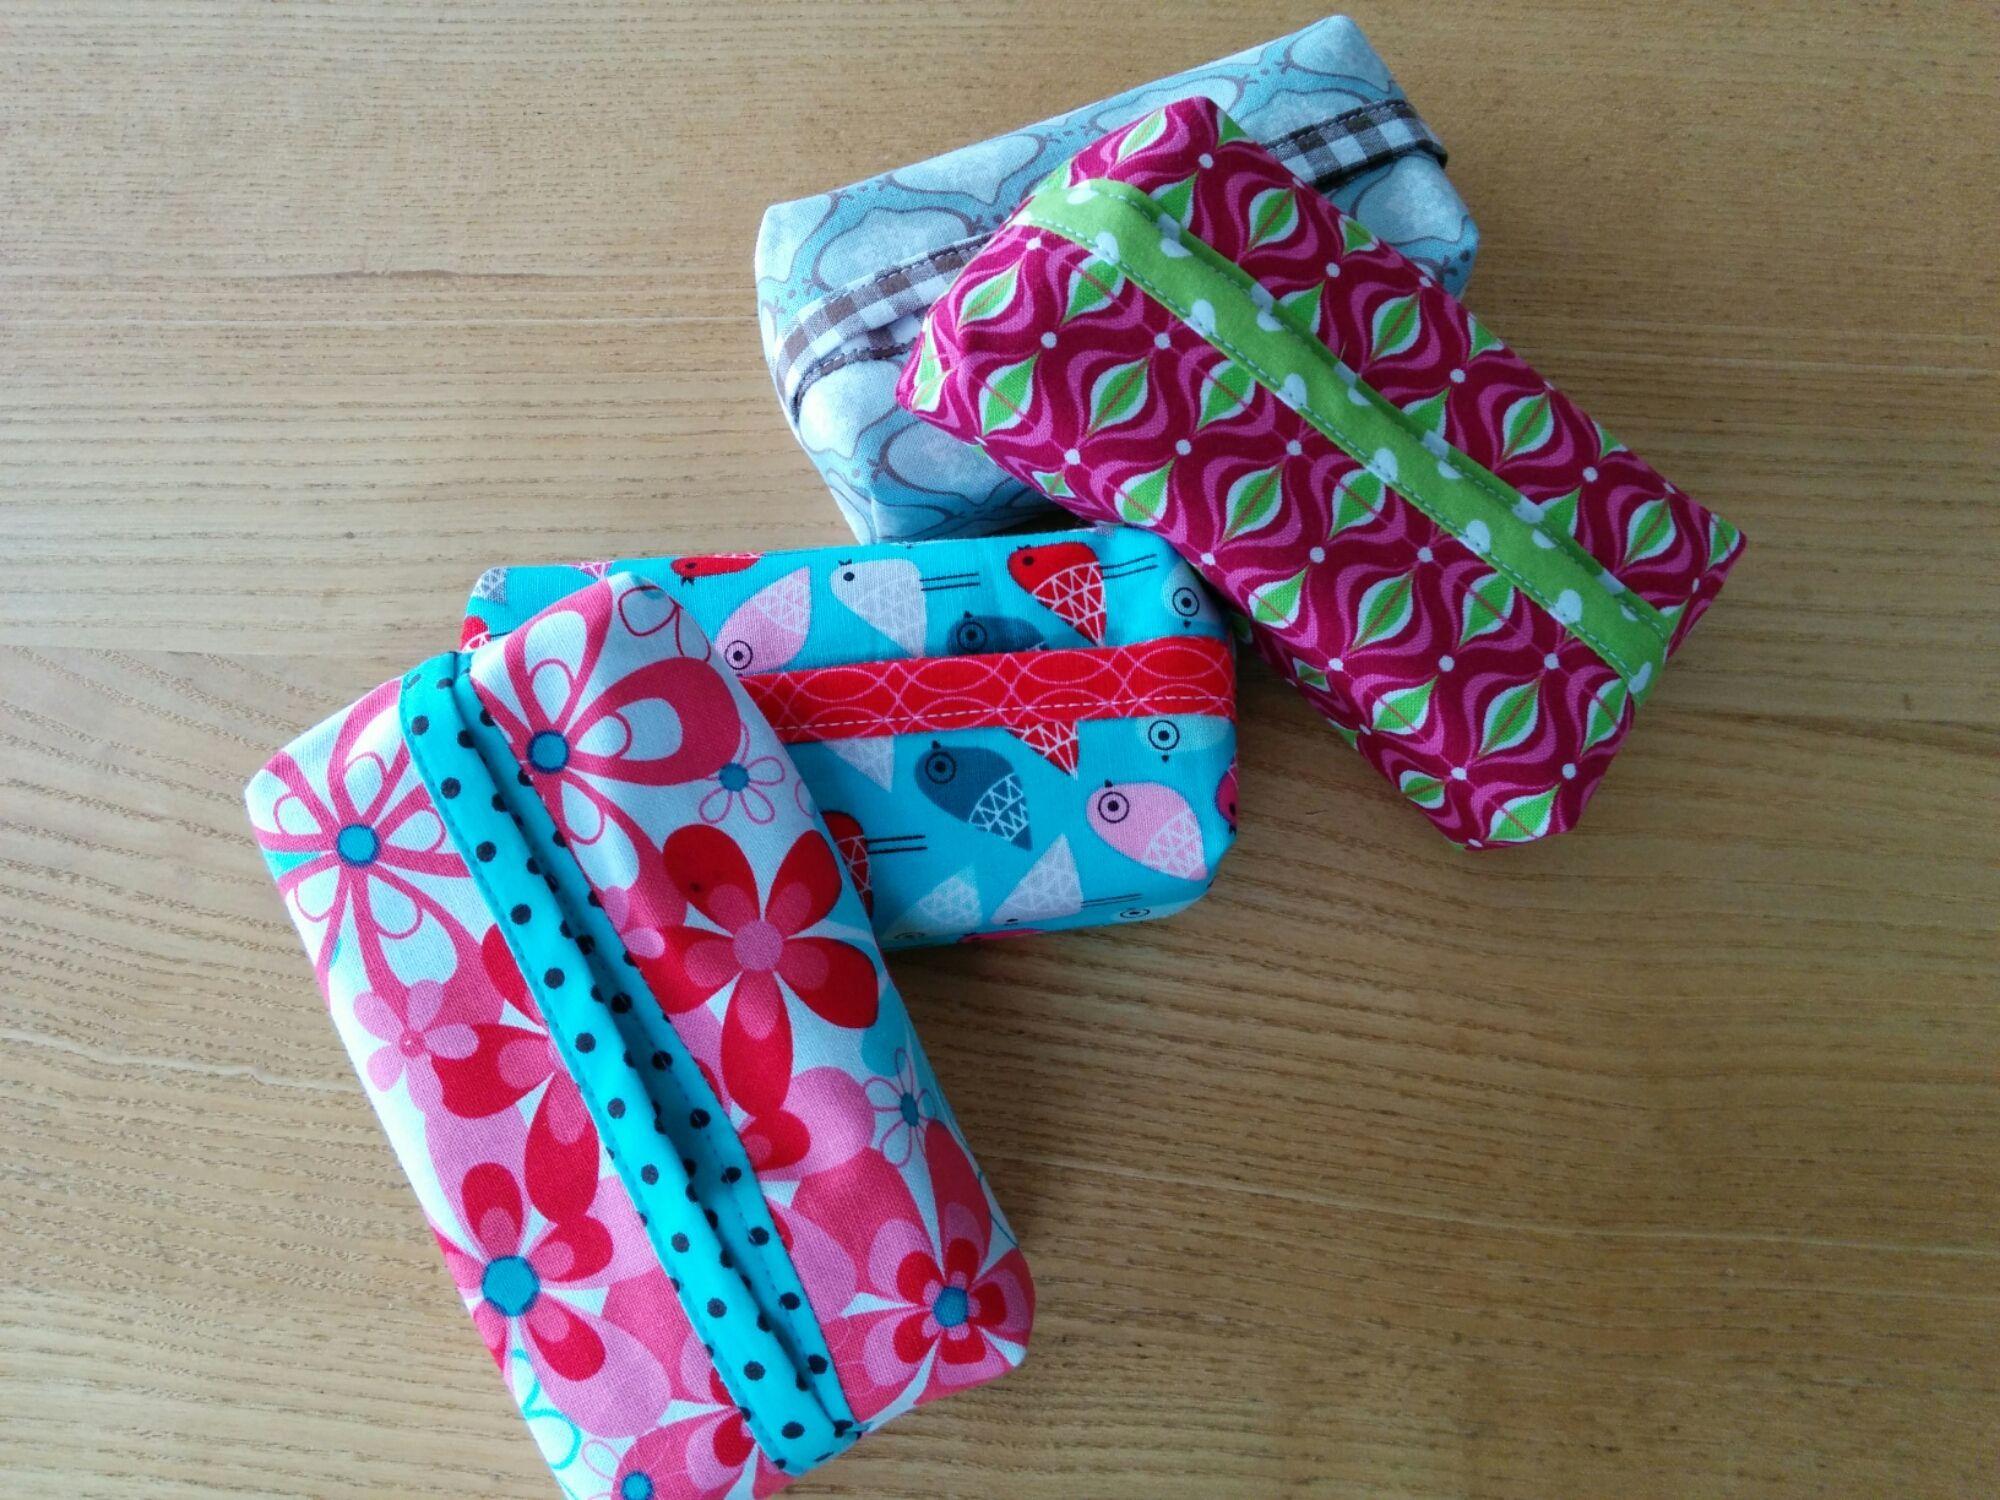 Tatüta, Taschentuchtaschen #stoffresteverwerten Taschentuchtaschen sind schnell genäht und ideal um kleine Stoffreste zu verwerten. Ich habe die Vorlage von Modage verwendet. #stoffresteverwerten